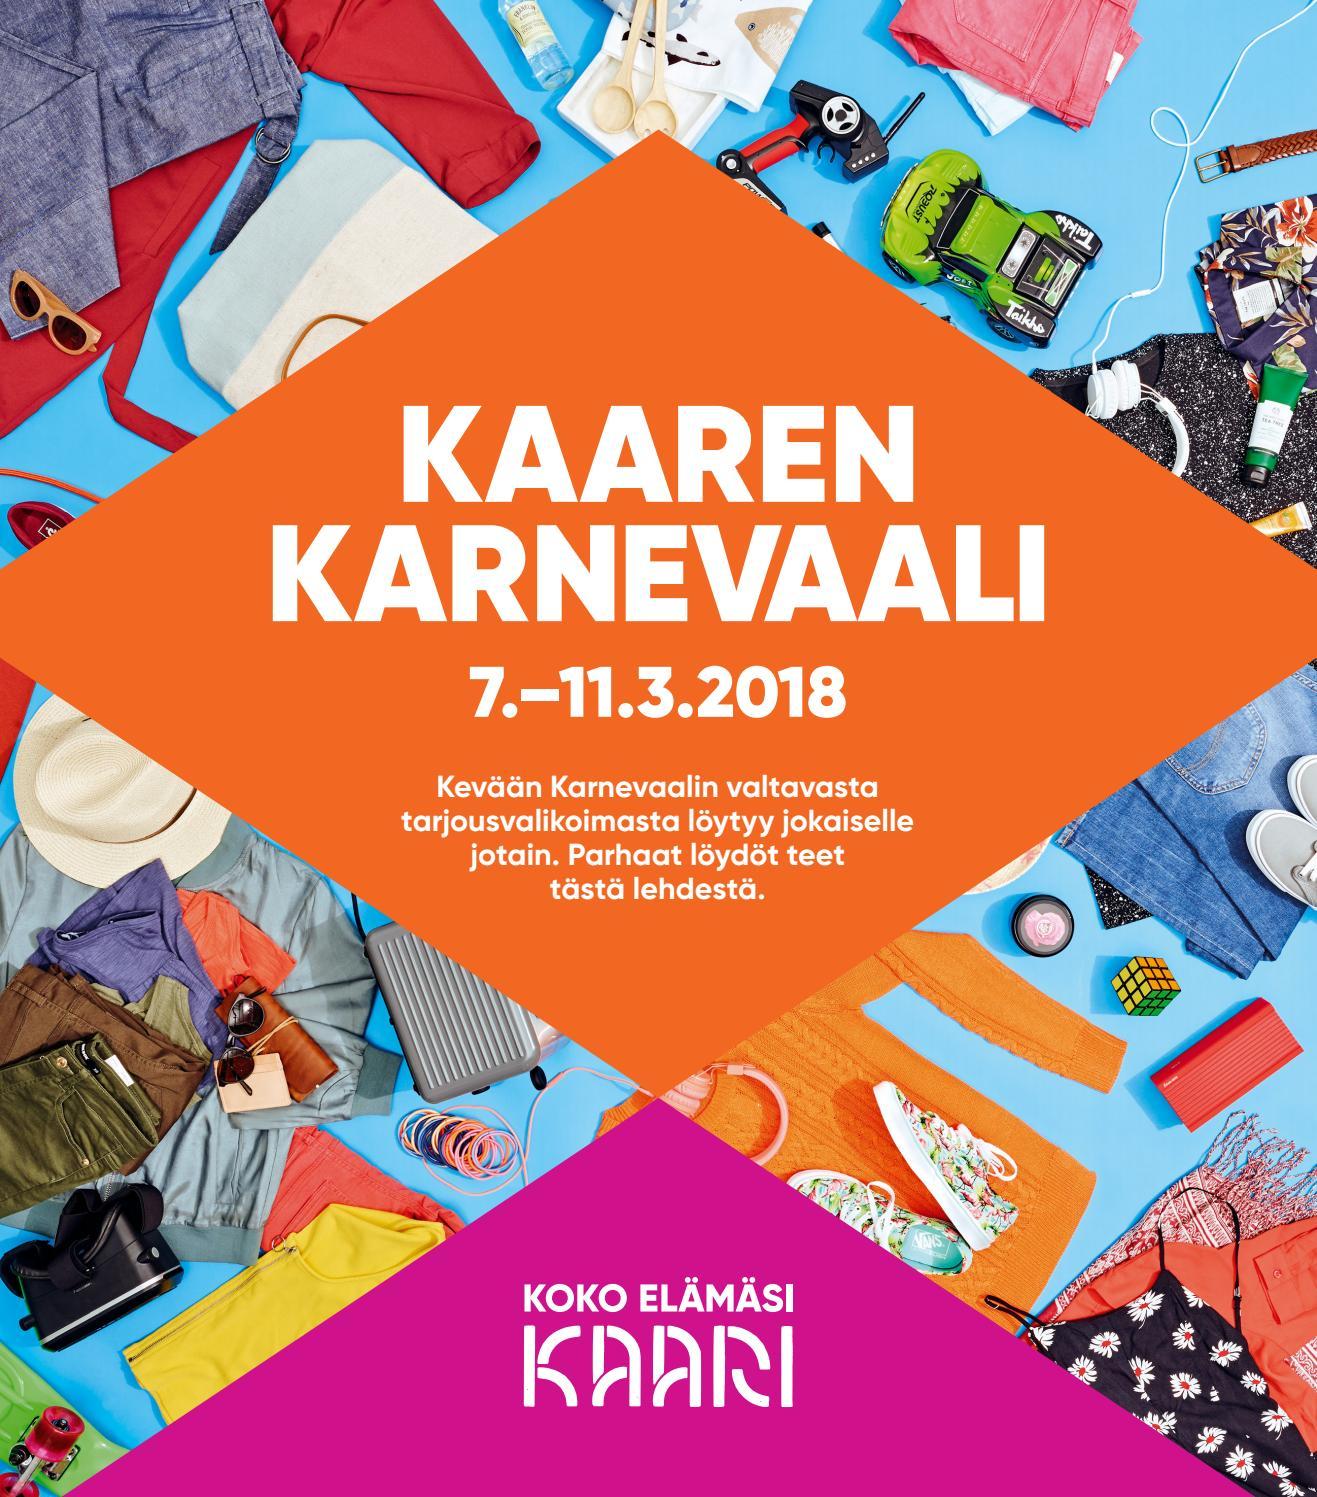 Kaaren karnevaalilehti 2018 by Kaari - issuu d10bb12d87